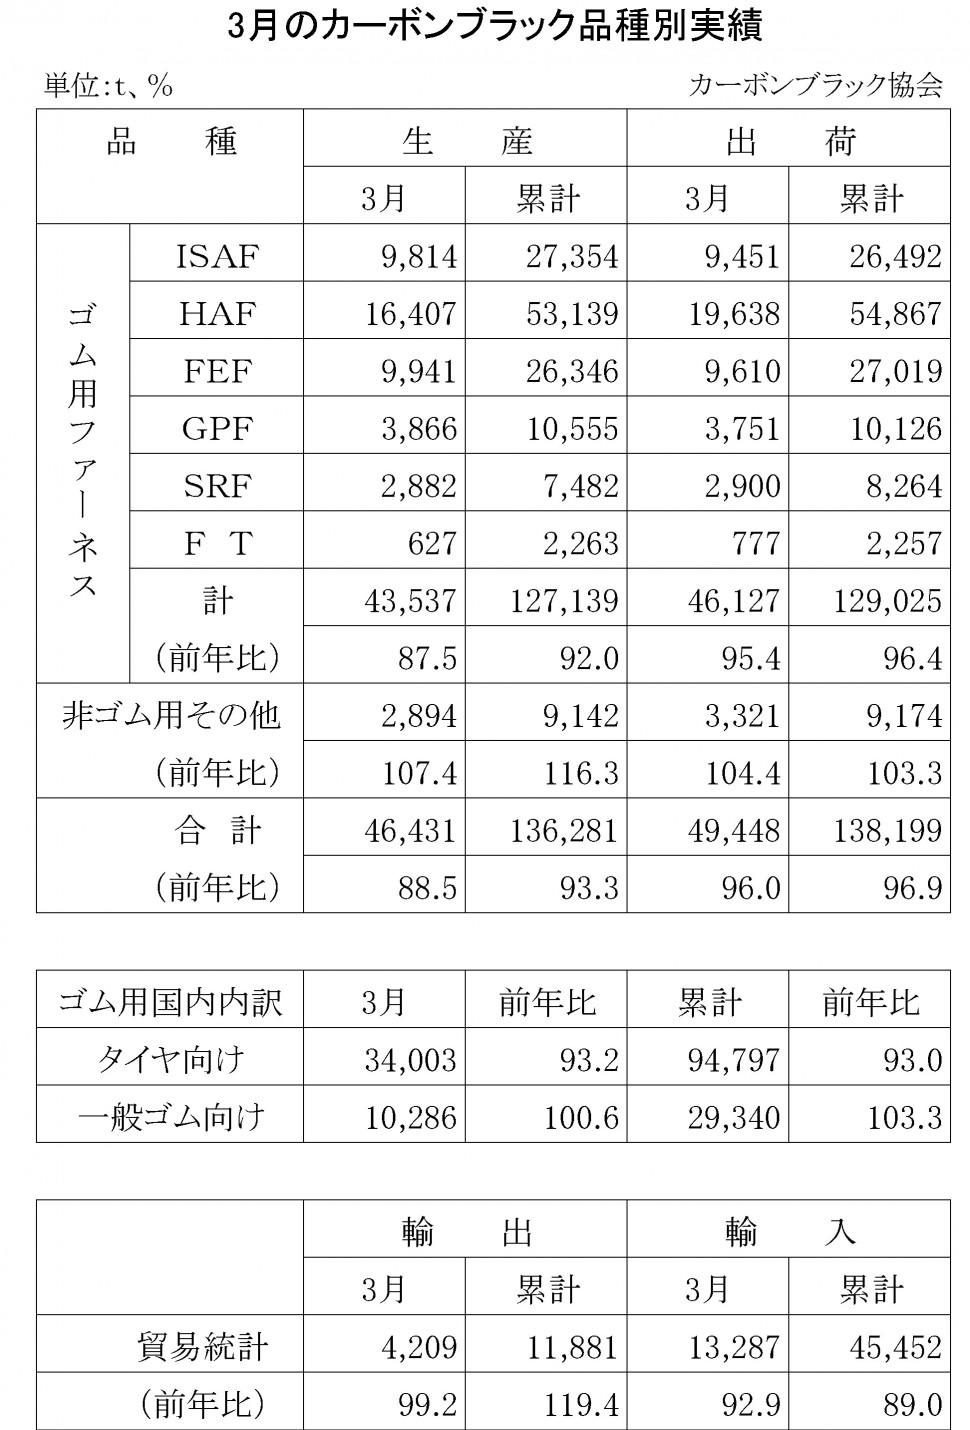 2016年3月のカーボンブラック品種別実績